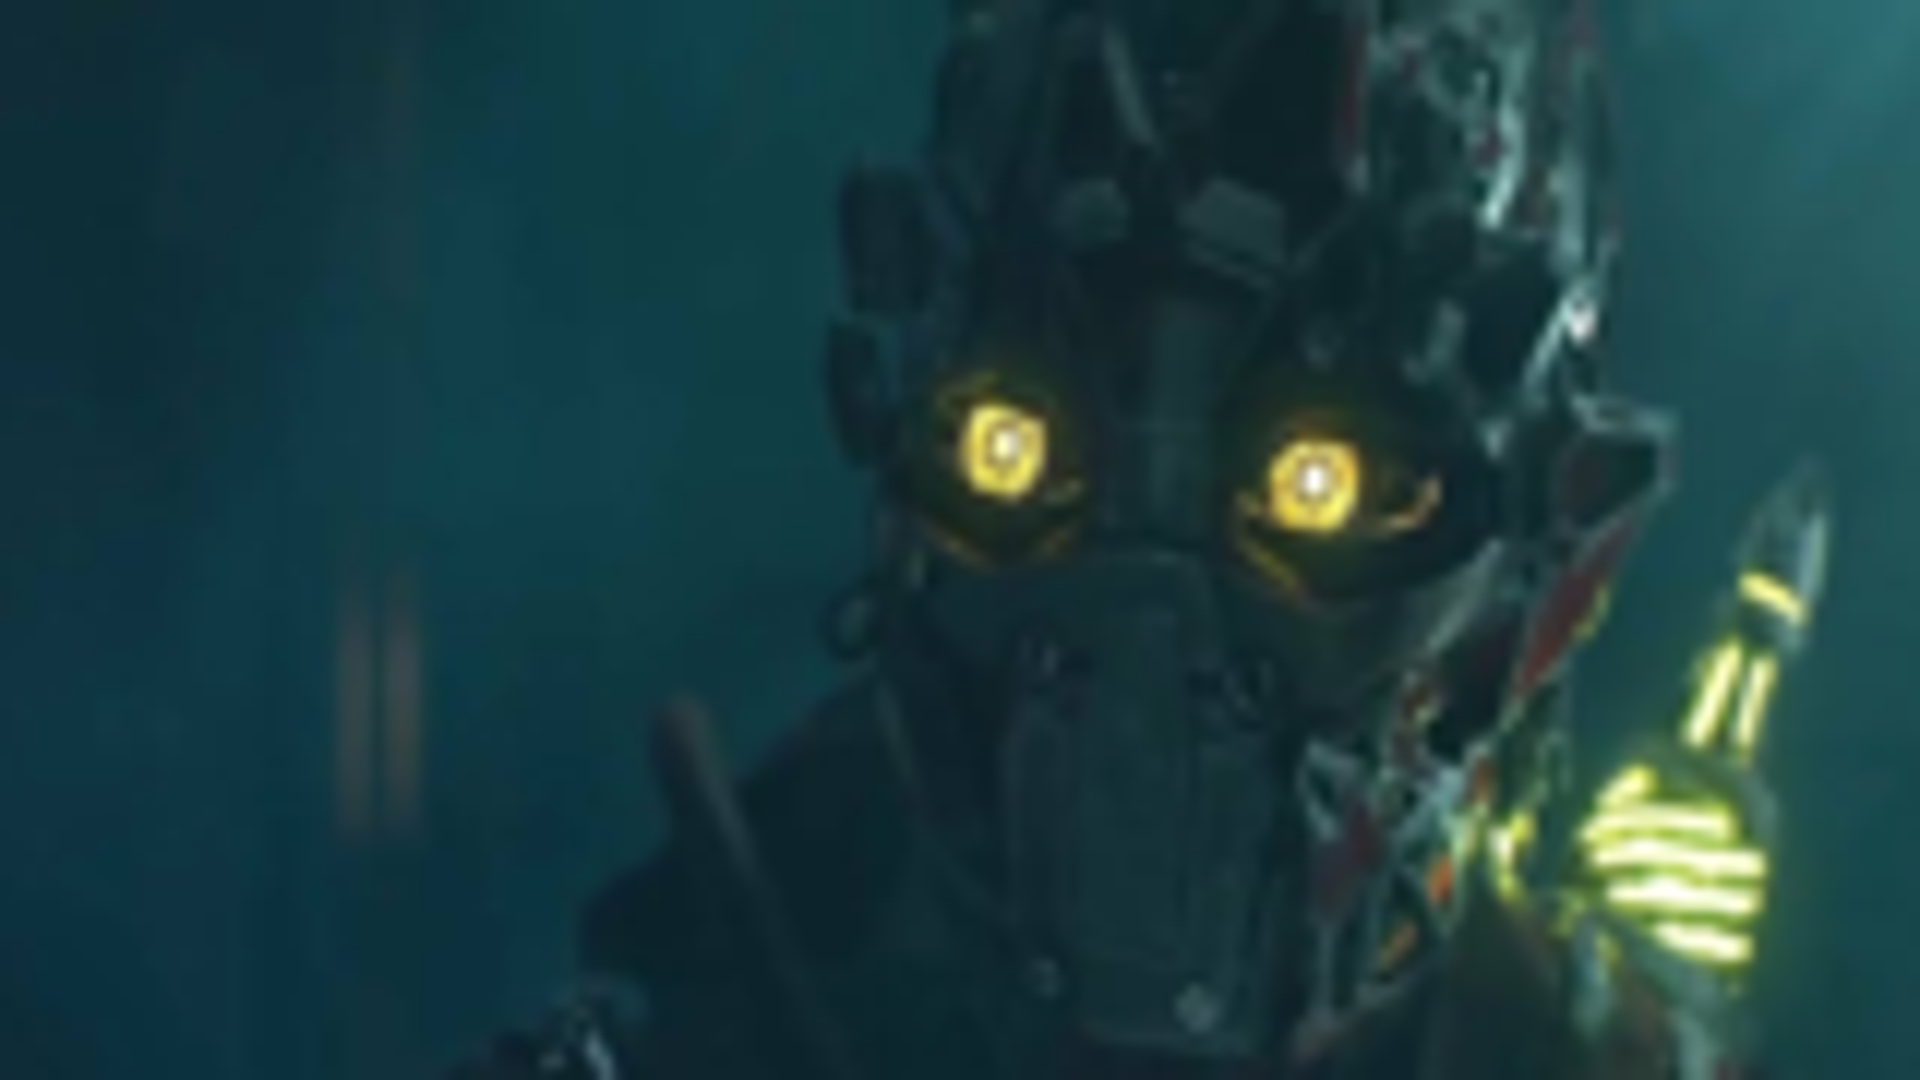 科幻动画短片《杂交繁殖》:一种能把人类转变成机械生命的病毒正在传播···